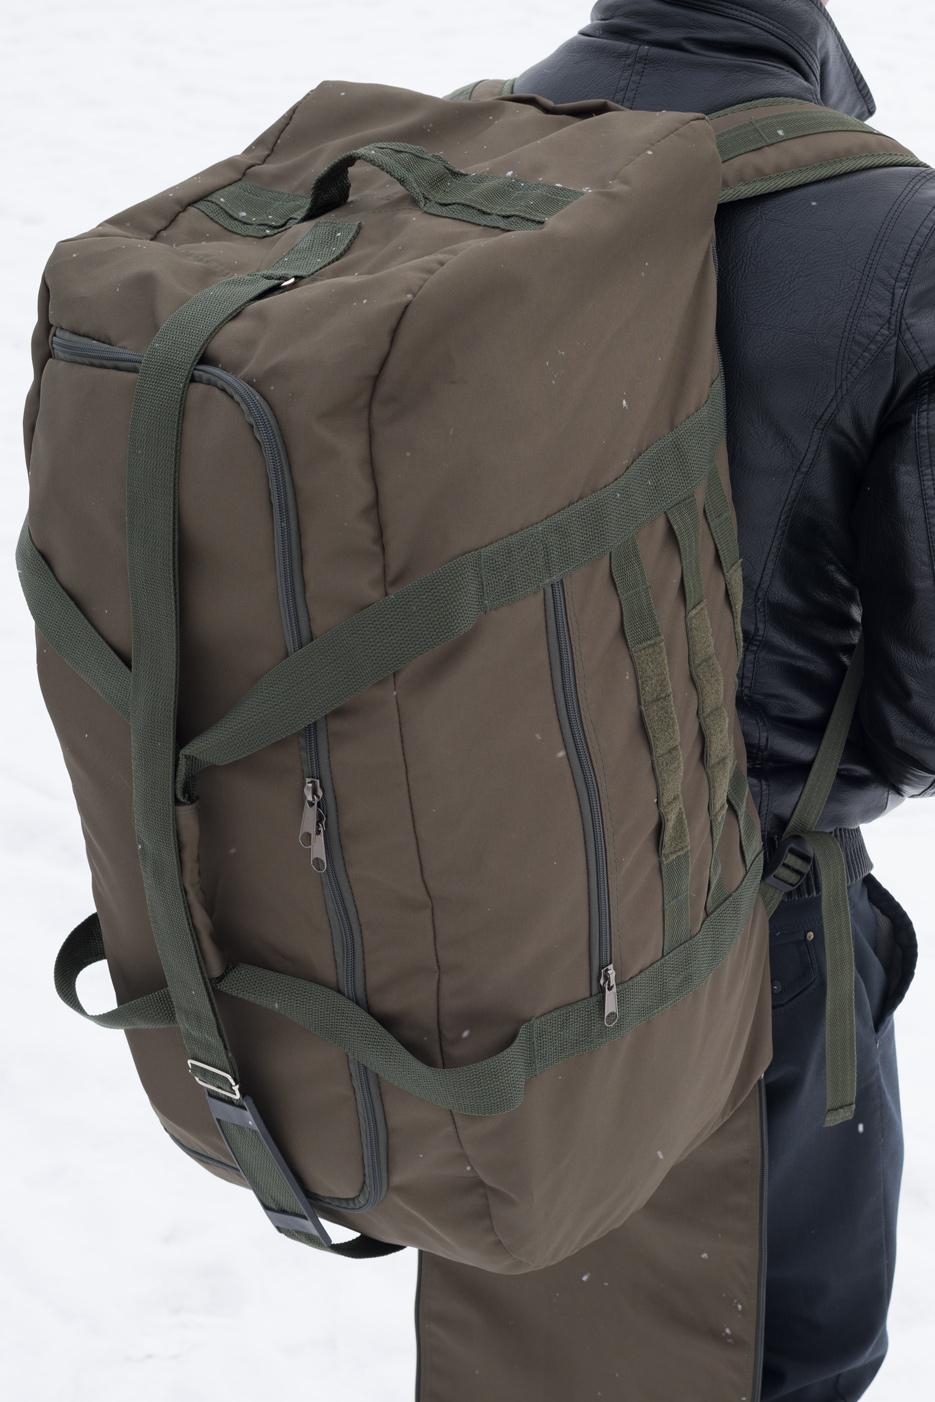 Рюкзаки дорожные и сумки дорожные пошив о рюкзаки cube купить